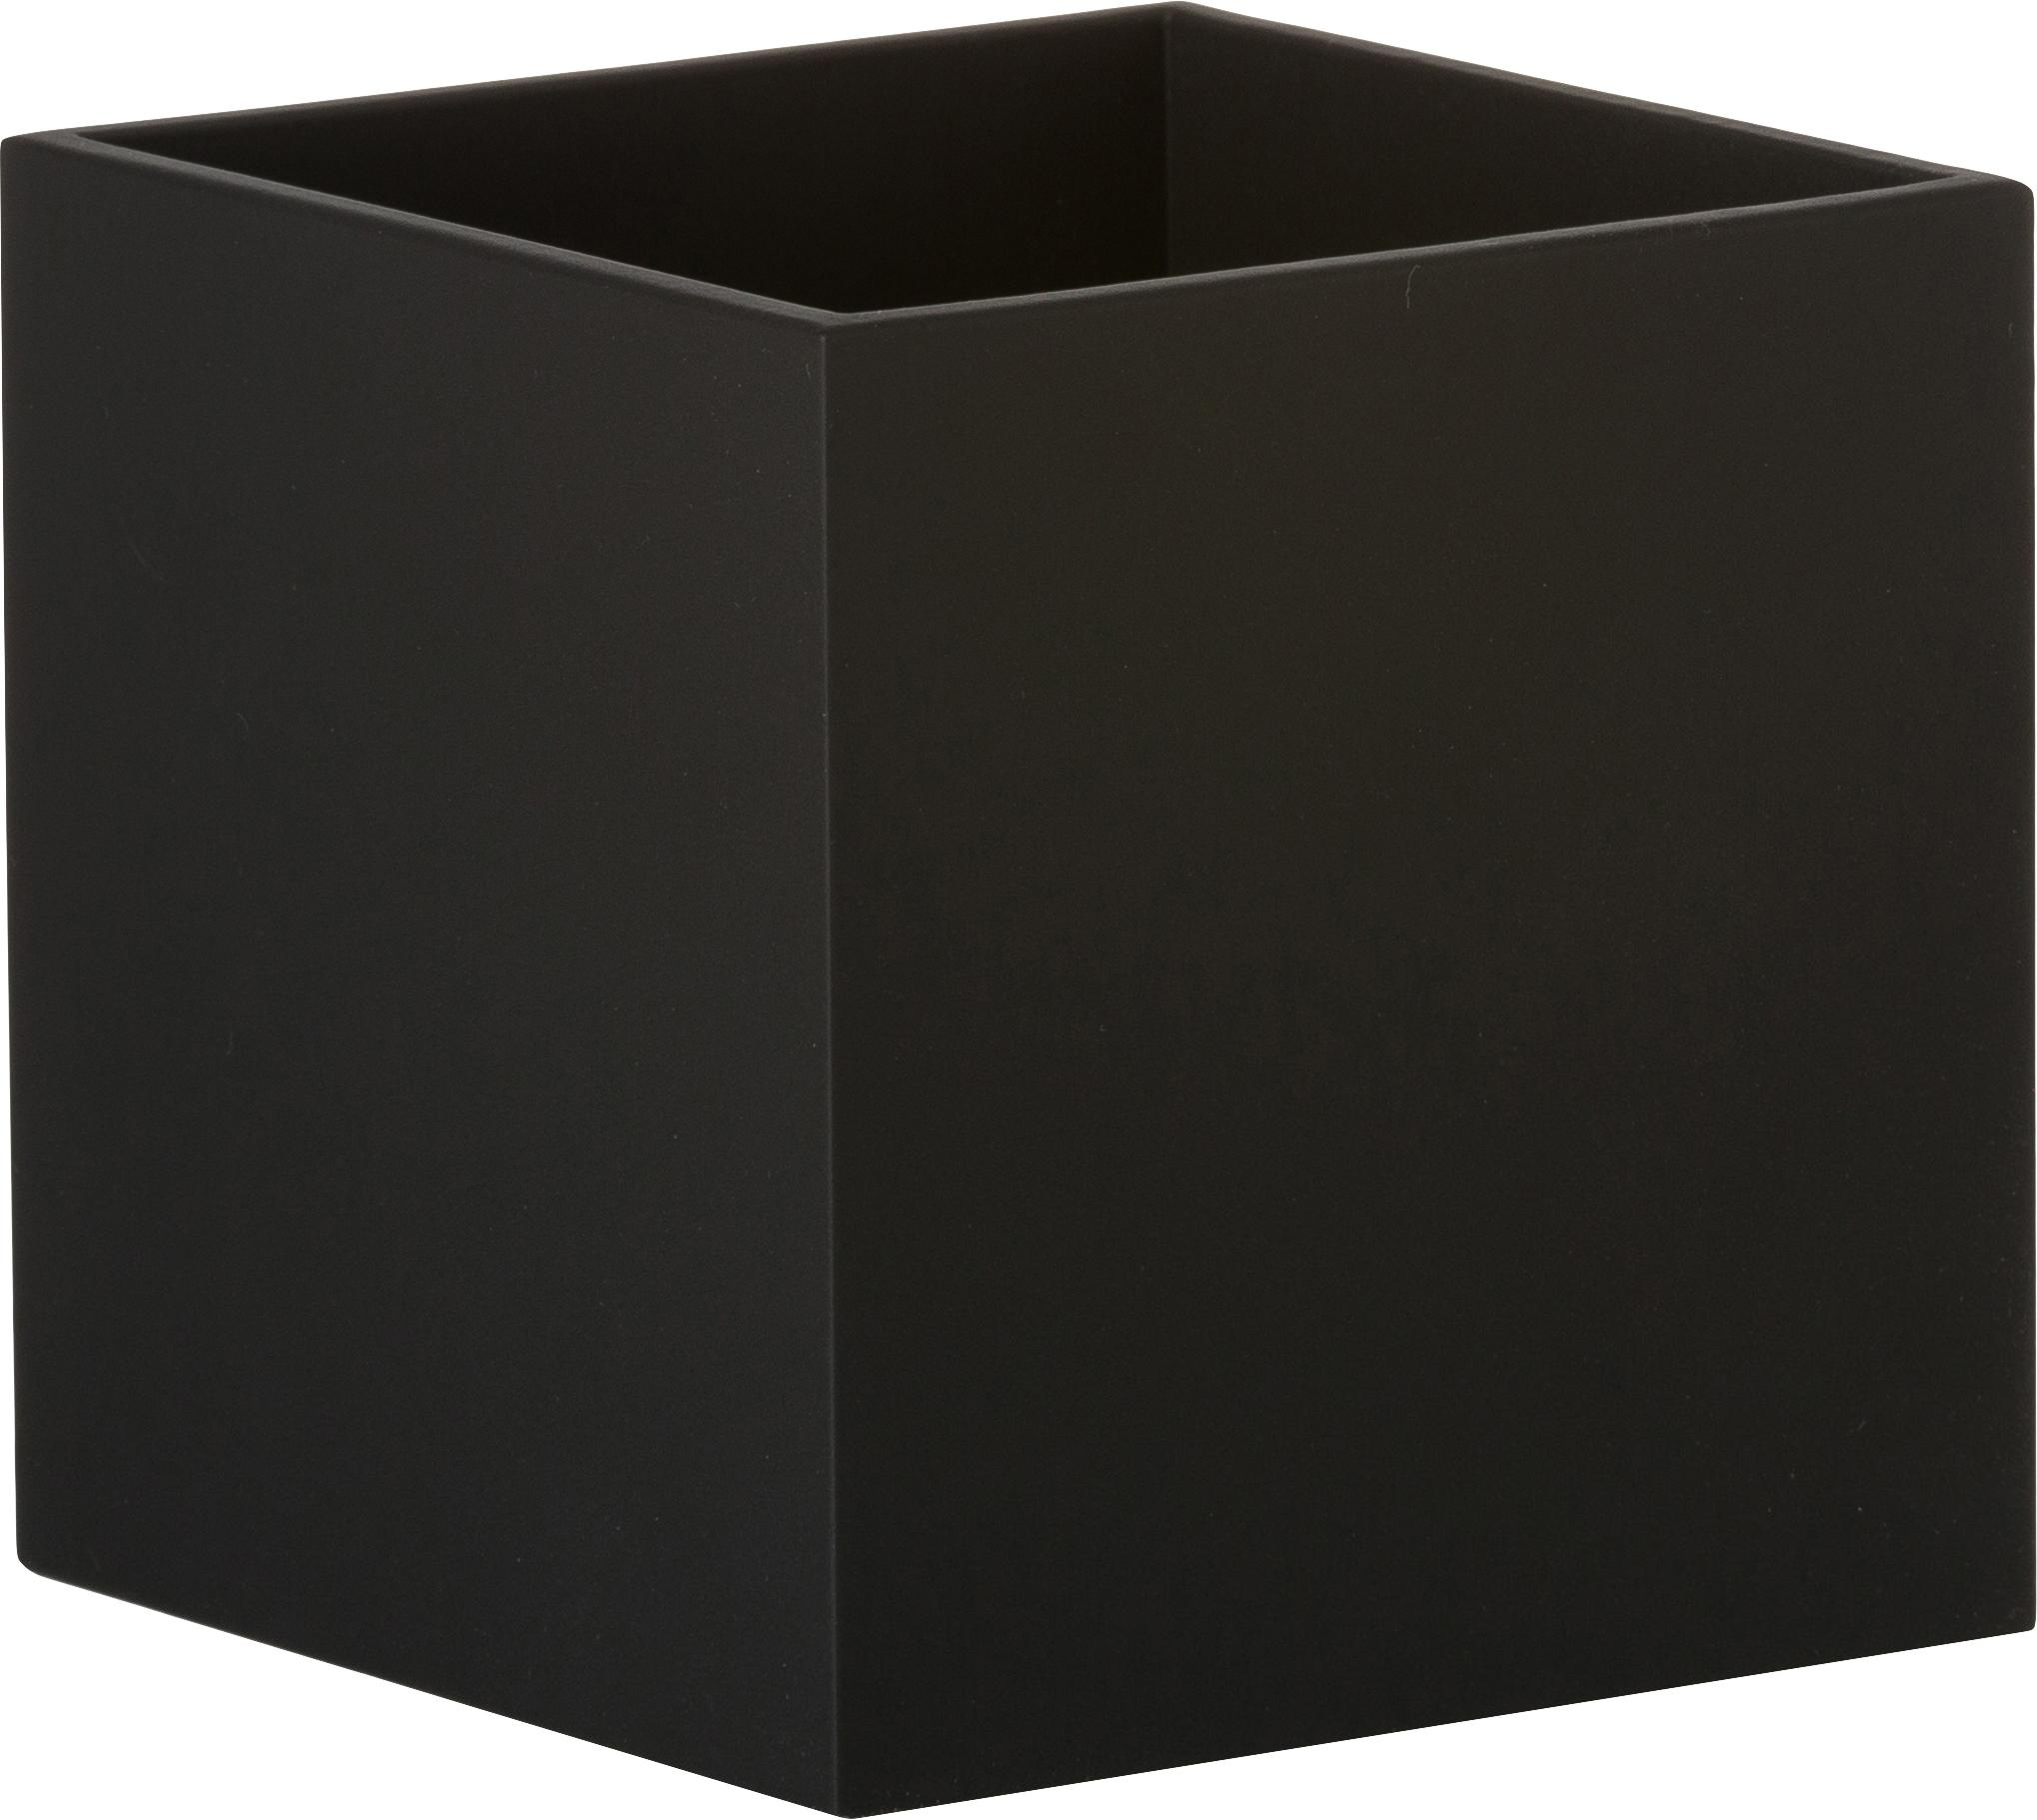 Wandleuchte Quad in Schwarz, Aluminium, pulverbeschichtet, Schwarz, 10 x 10 cm